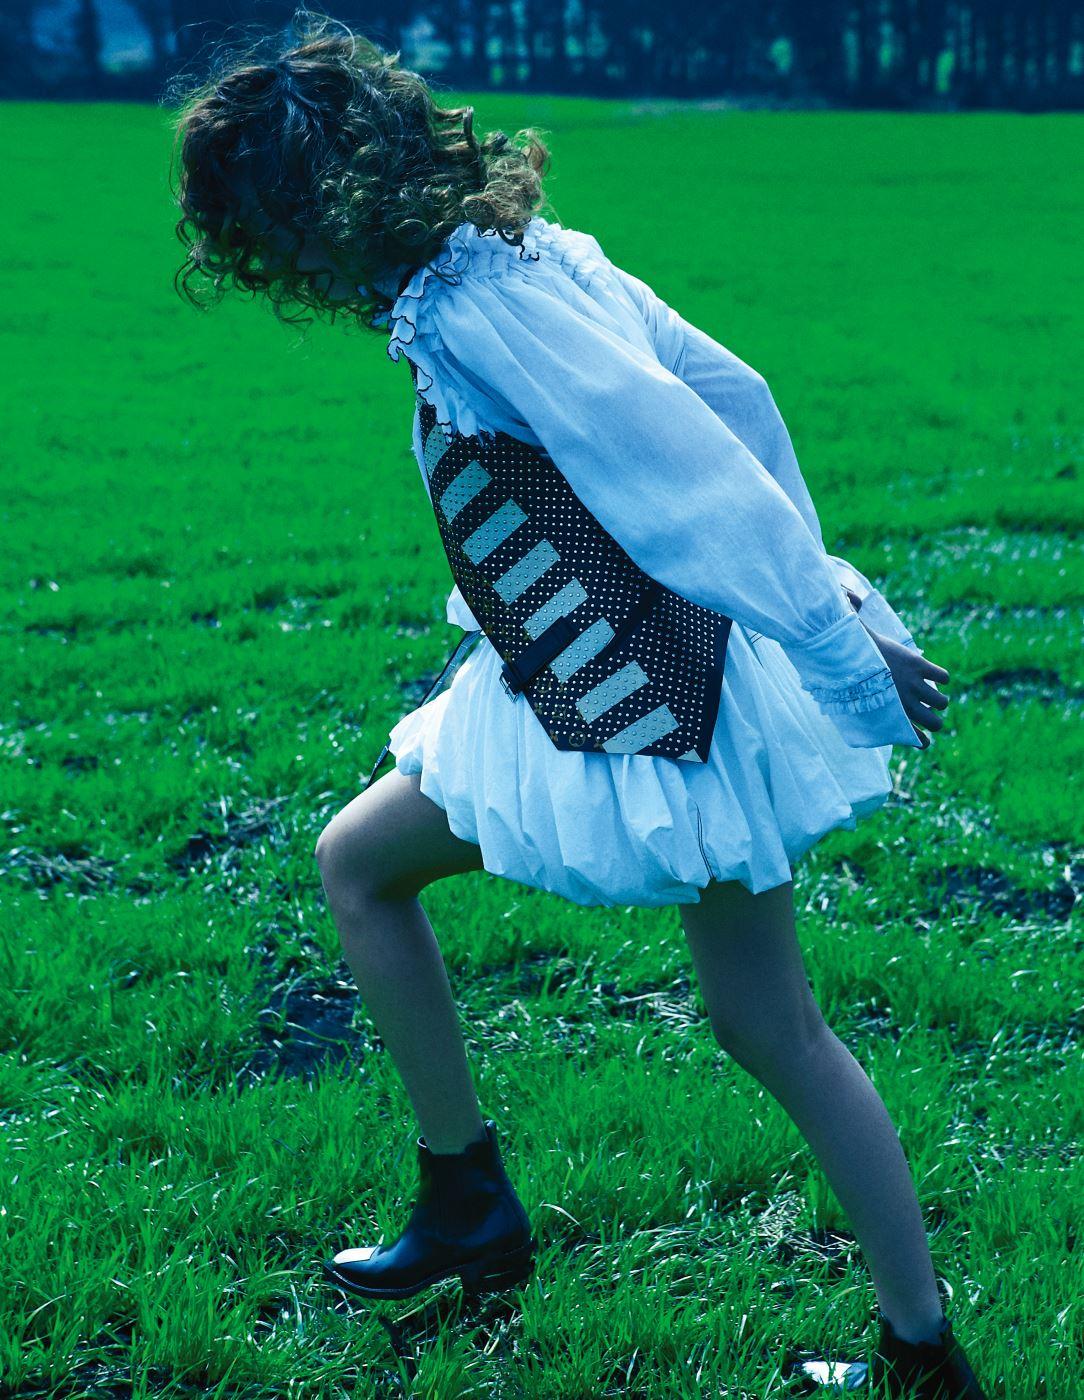 러플 장식의 풍성한 벌룬 드레스, 모노그램 패턴의 가죽 베스트, 메탈 포인트 앵클부츠는 모두 Louis Vuitton 제품.